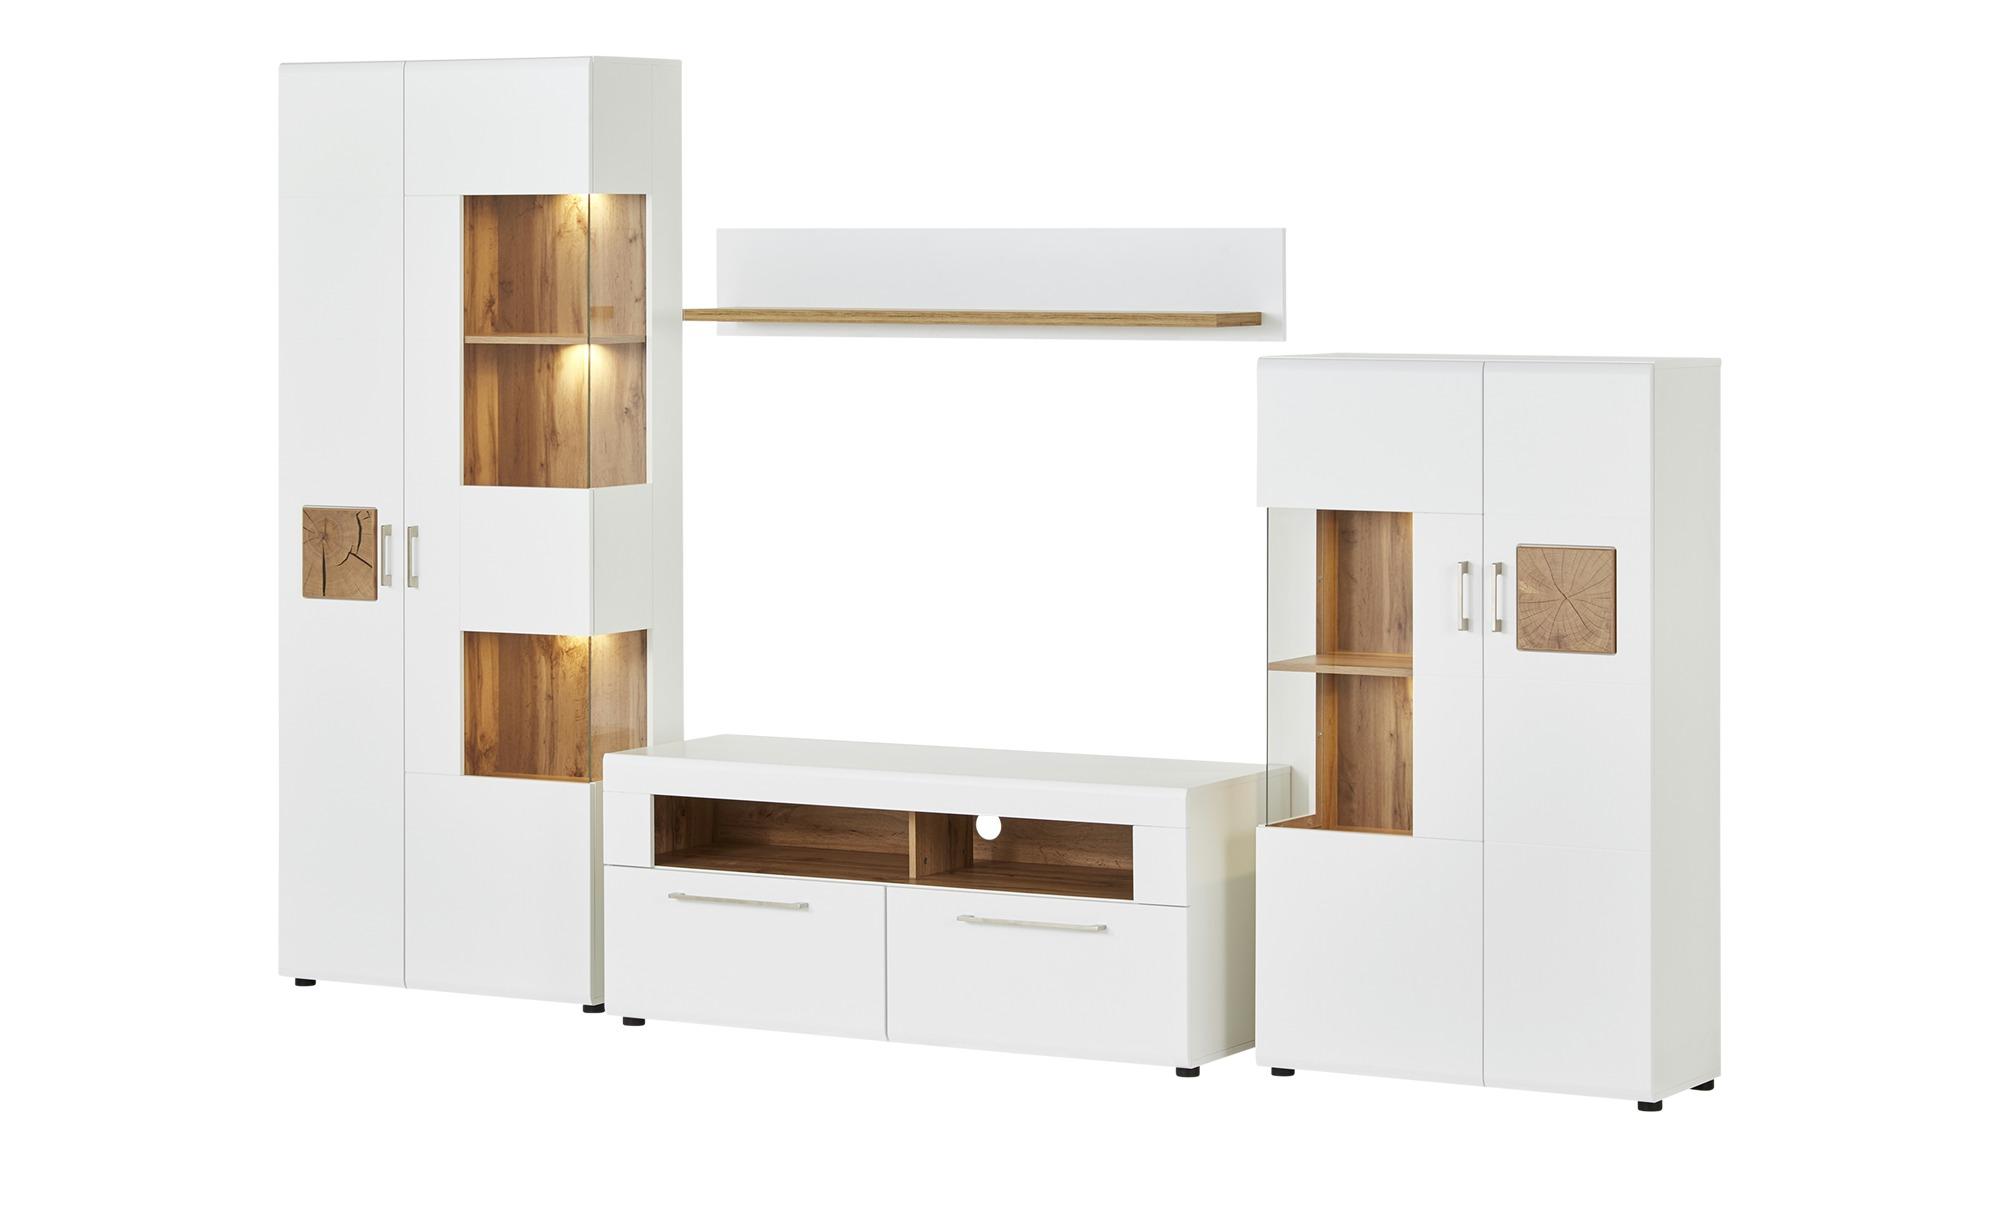 Uno Wohnwand Reims Bei Mobel Kraft Online Kaufen